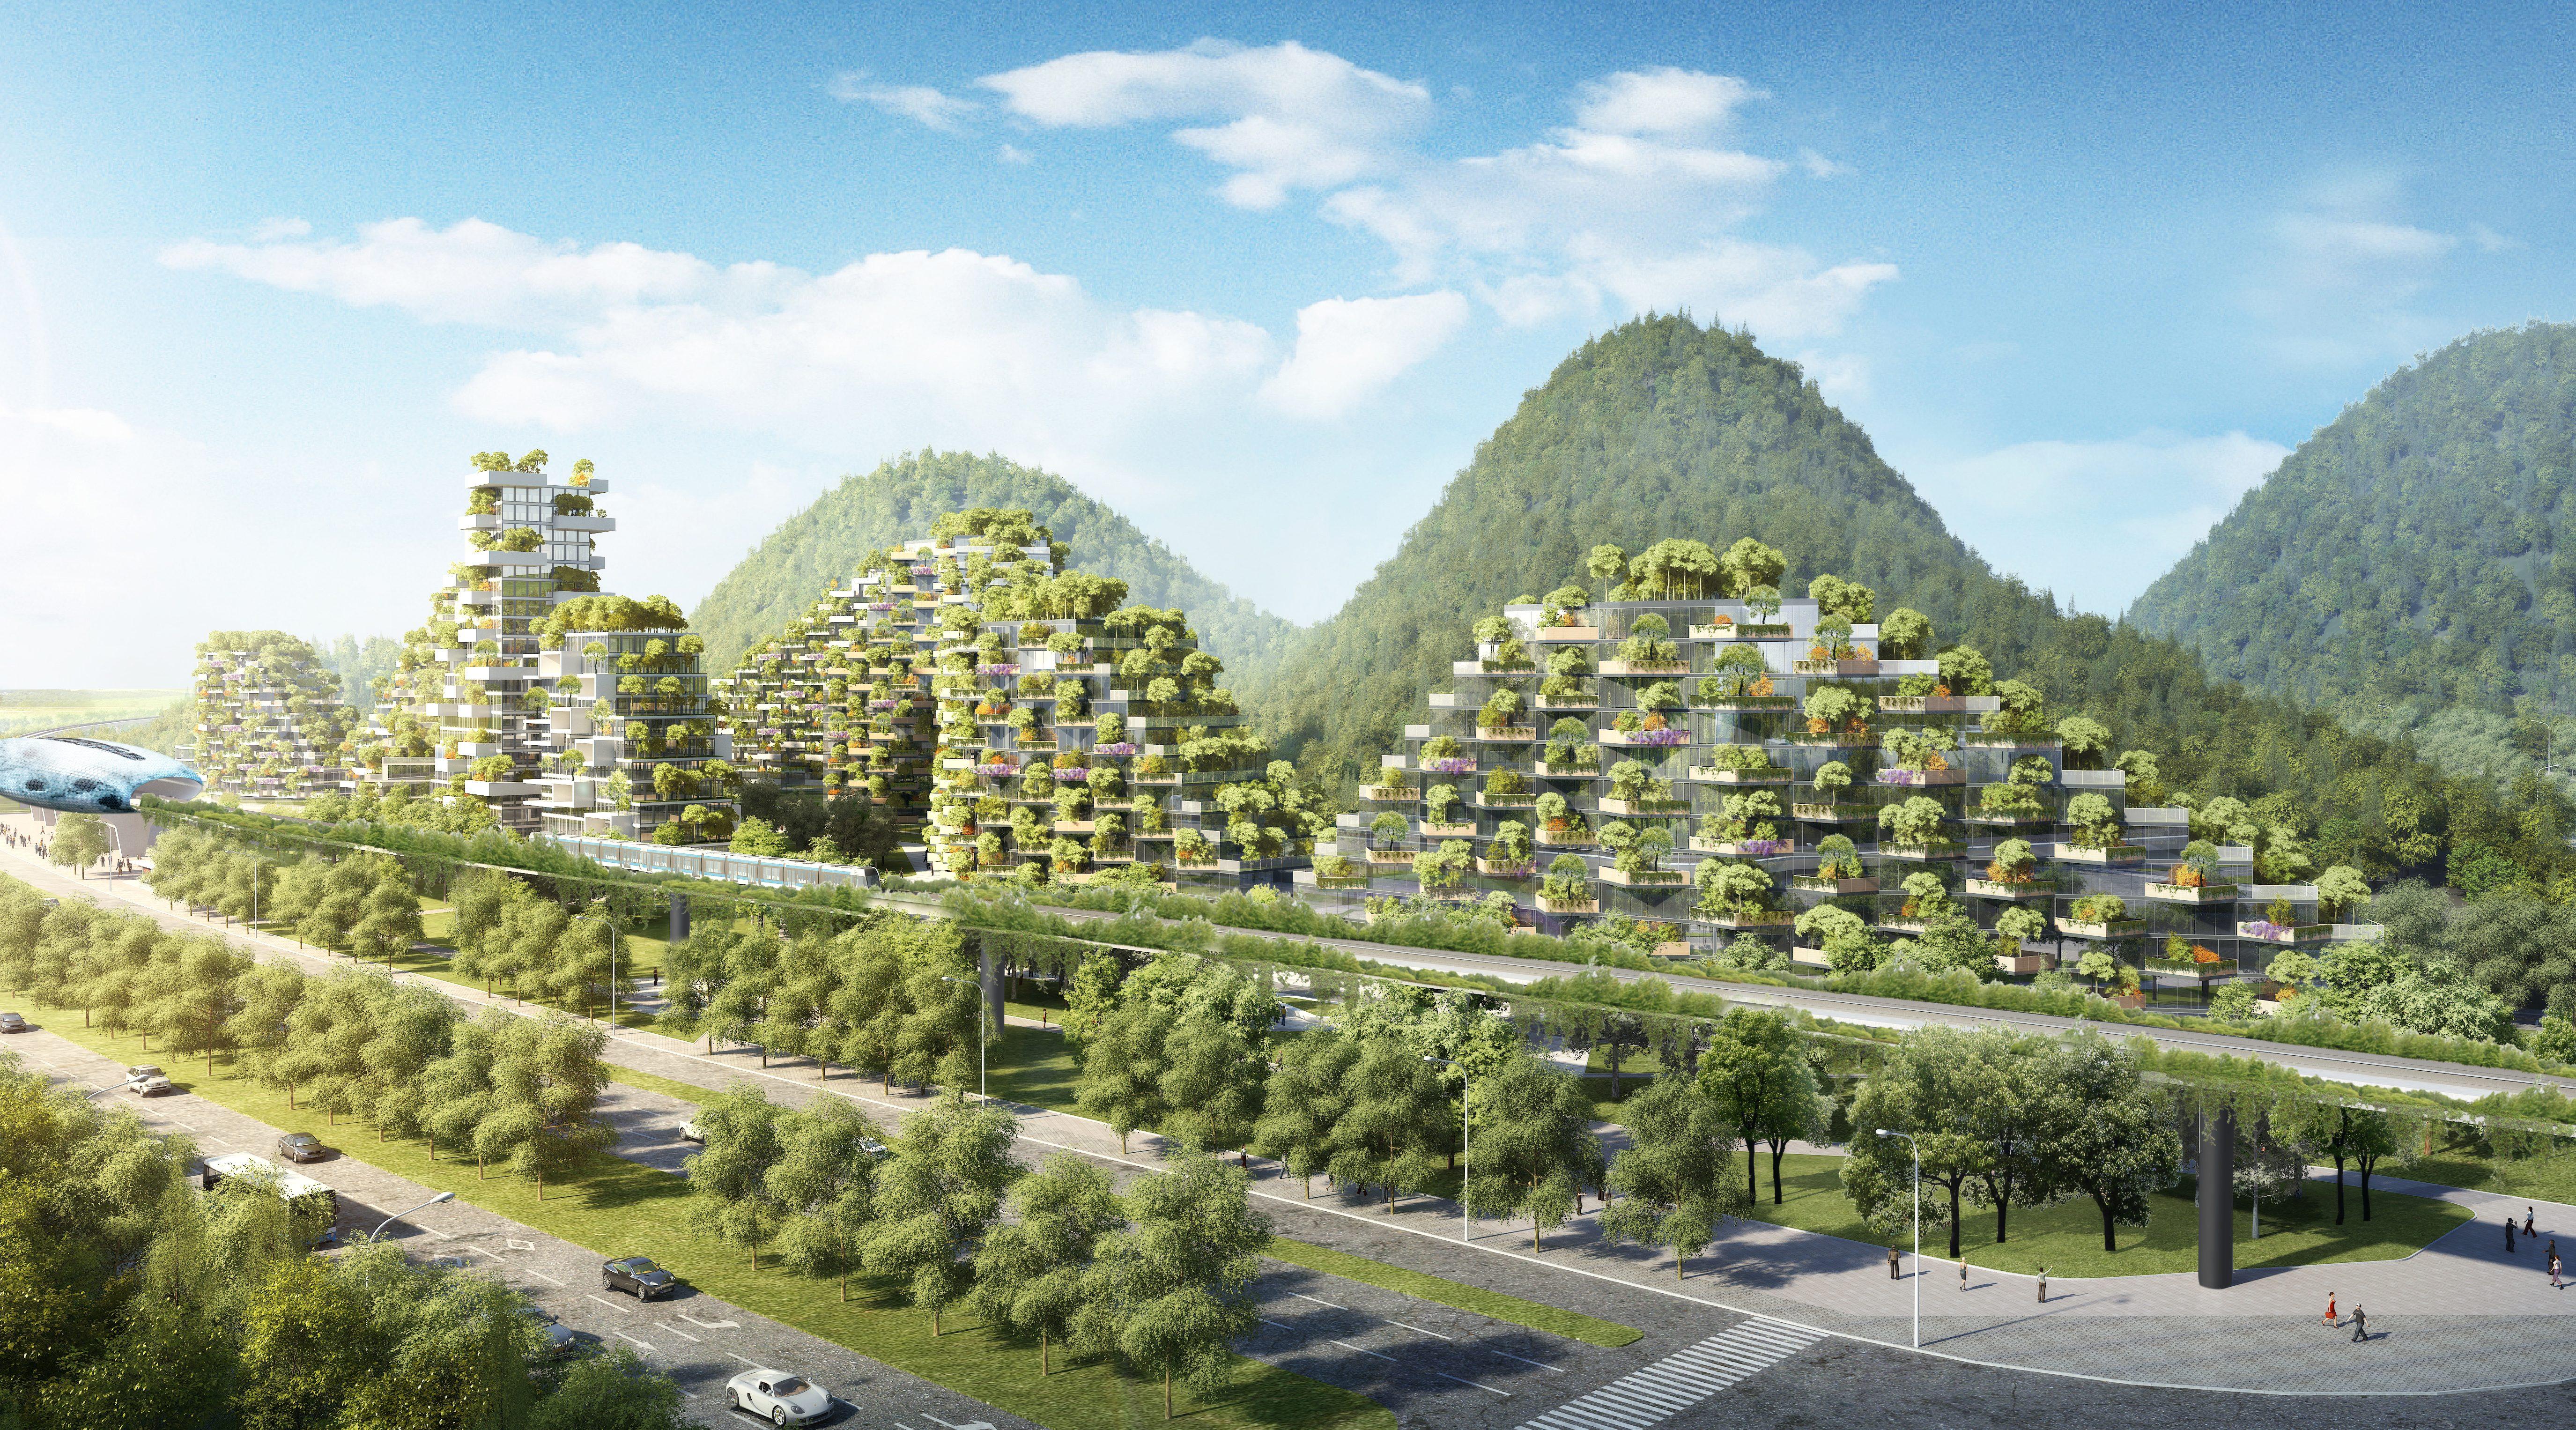 Immagini Di Piante E Alberi liuzhou forest city: la città verde con 40.000 alberi e un